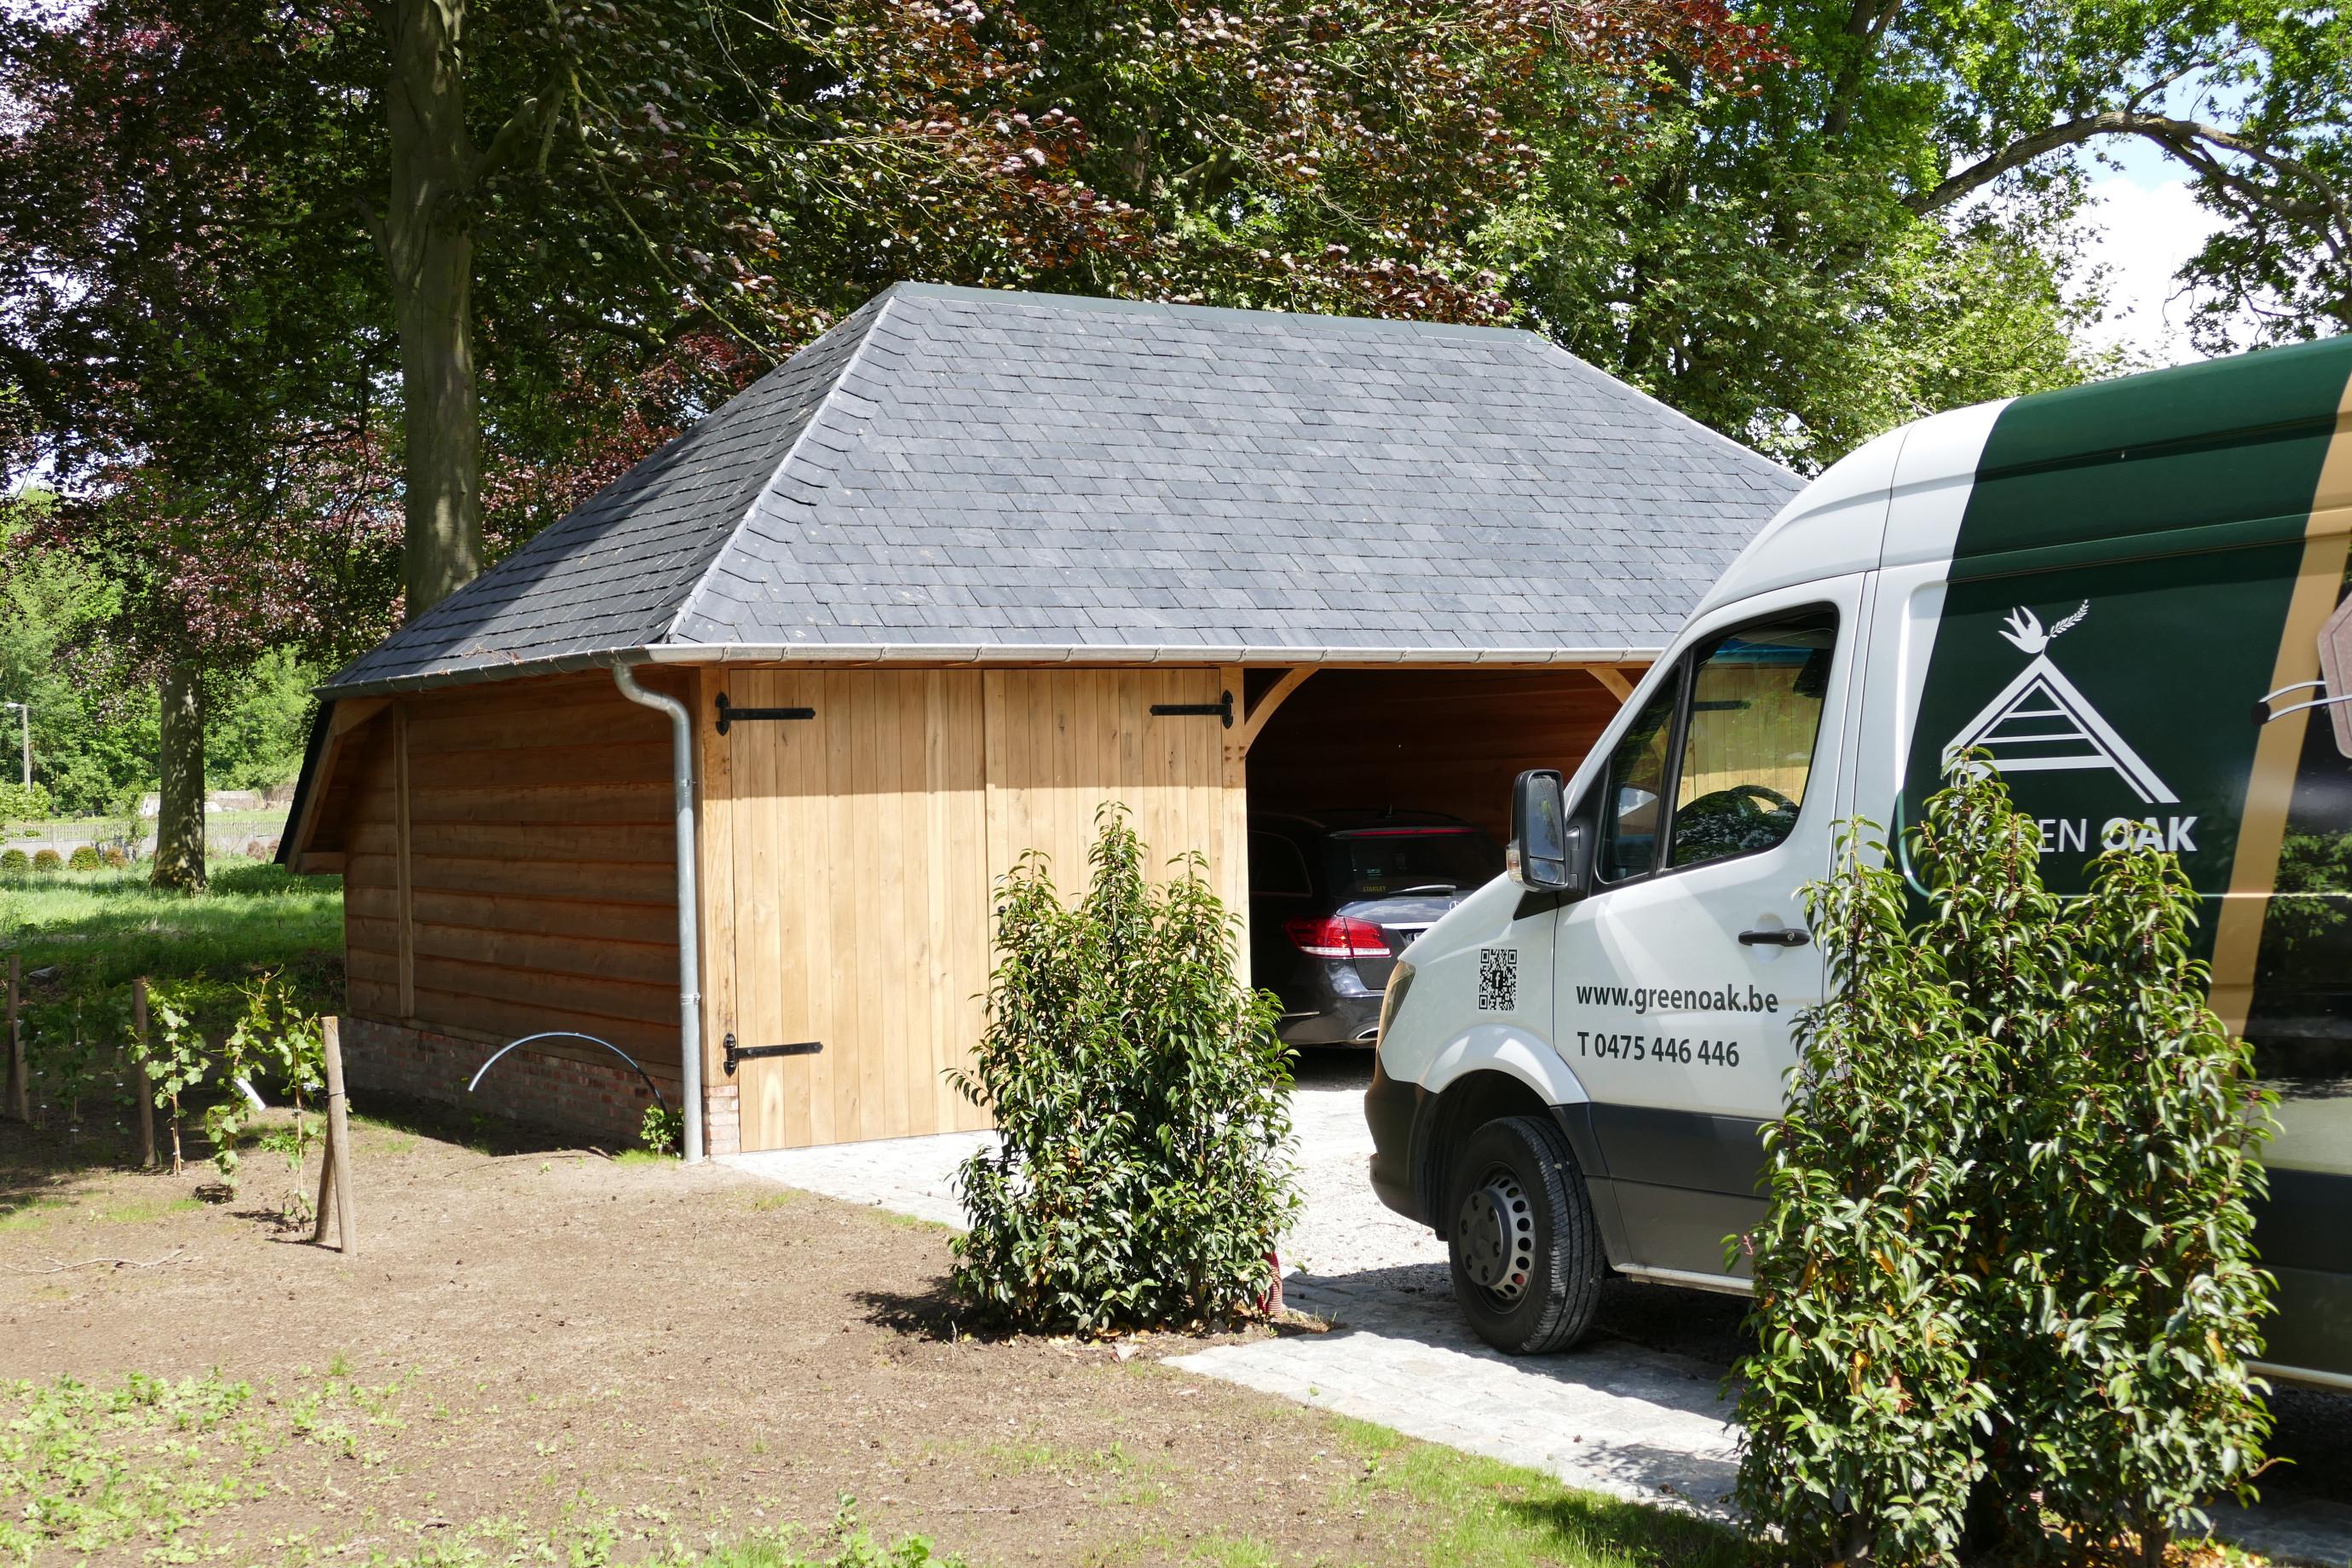 Houten Carport - Green Oak in samenwerking met Cornelis Hout - 3.jpg